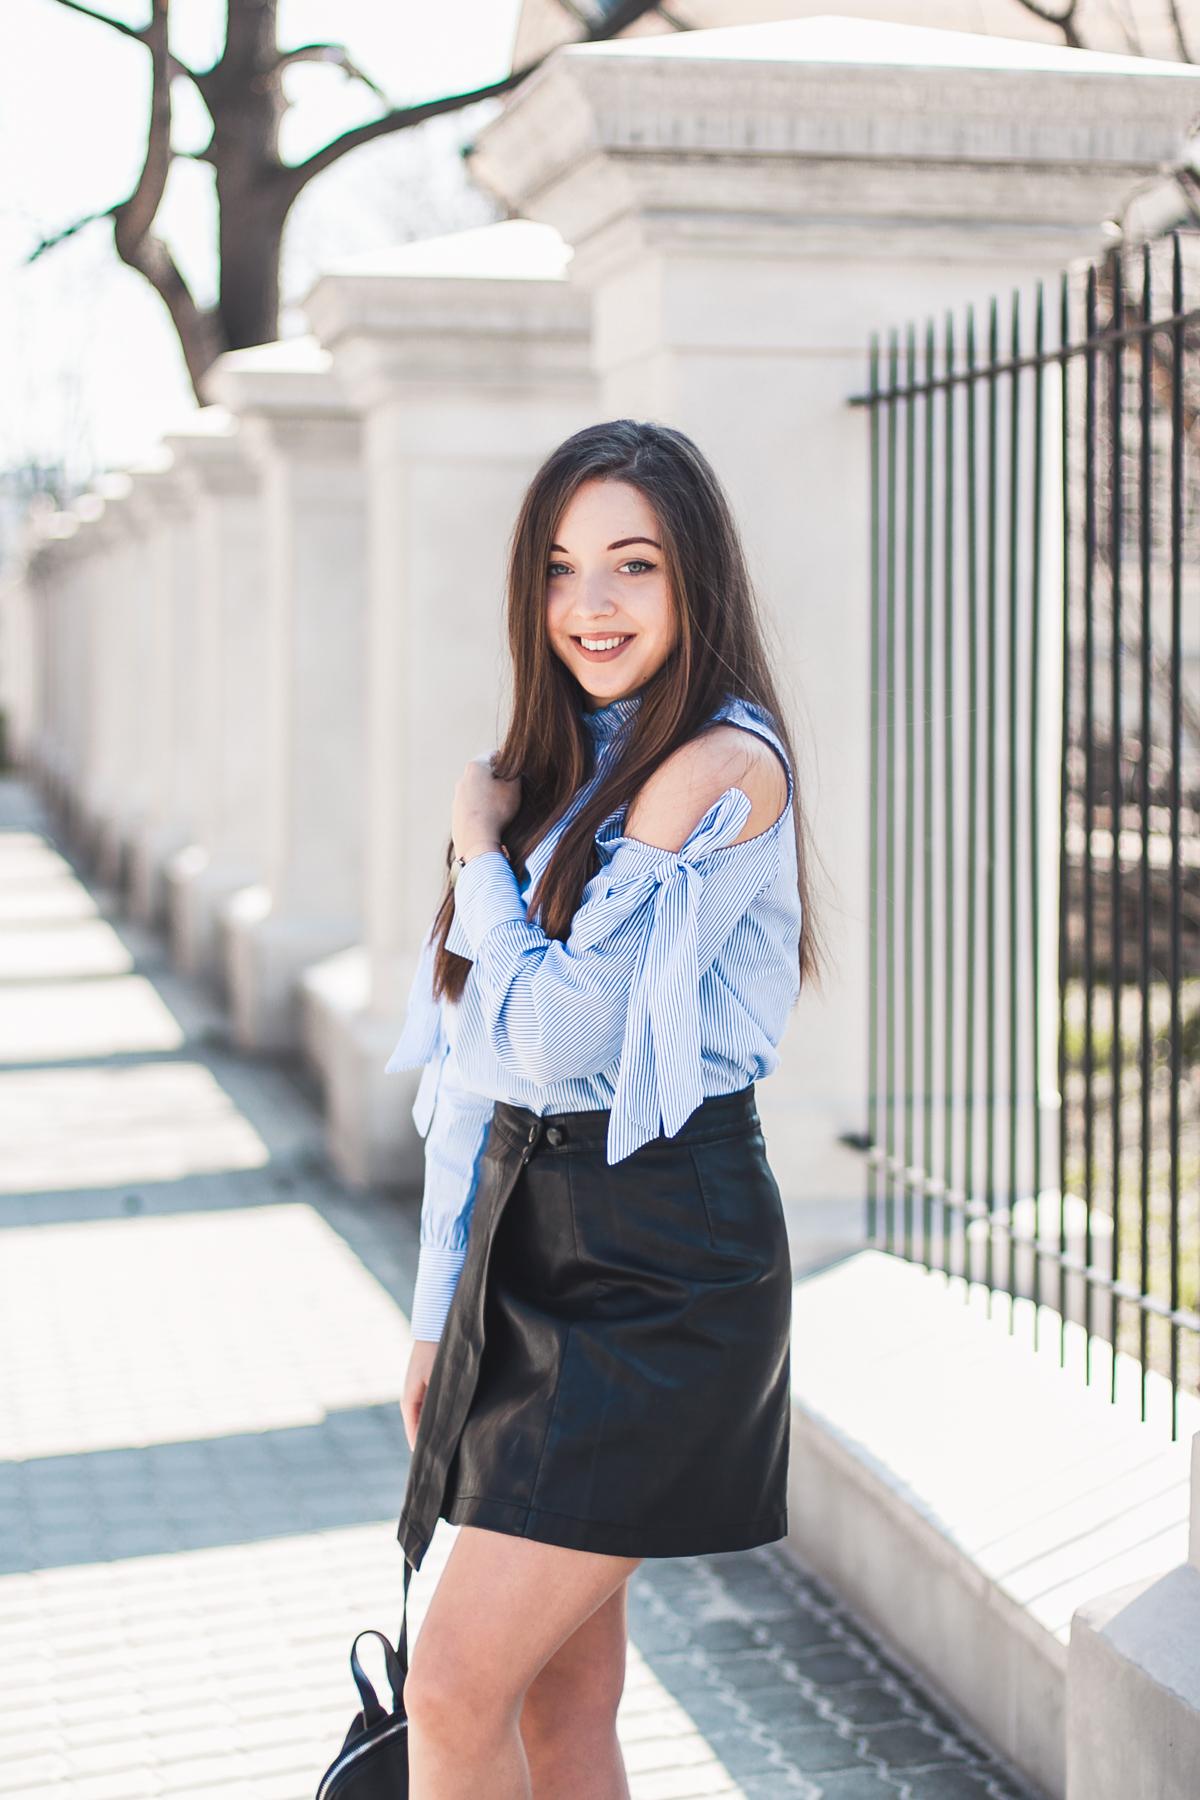 niebieska koszula damska w paski stylizacja